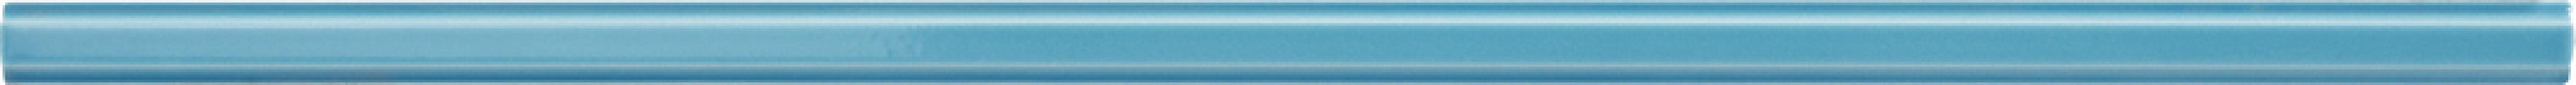 Бордюр Cristall Matita Azzurro 2x60 Alta Ceramica